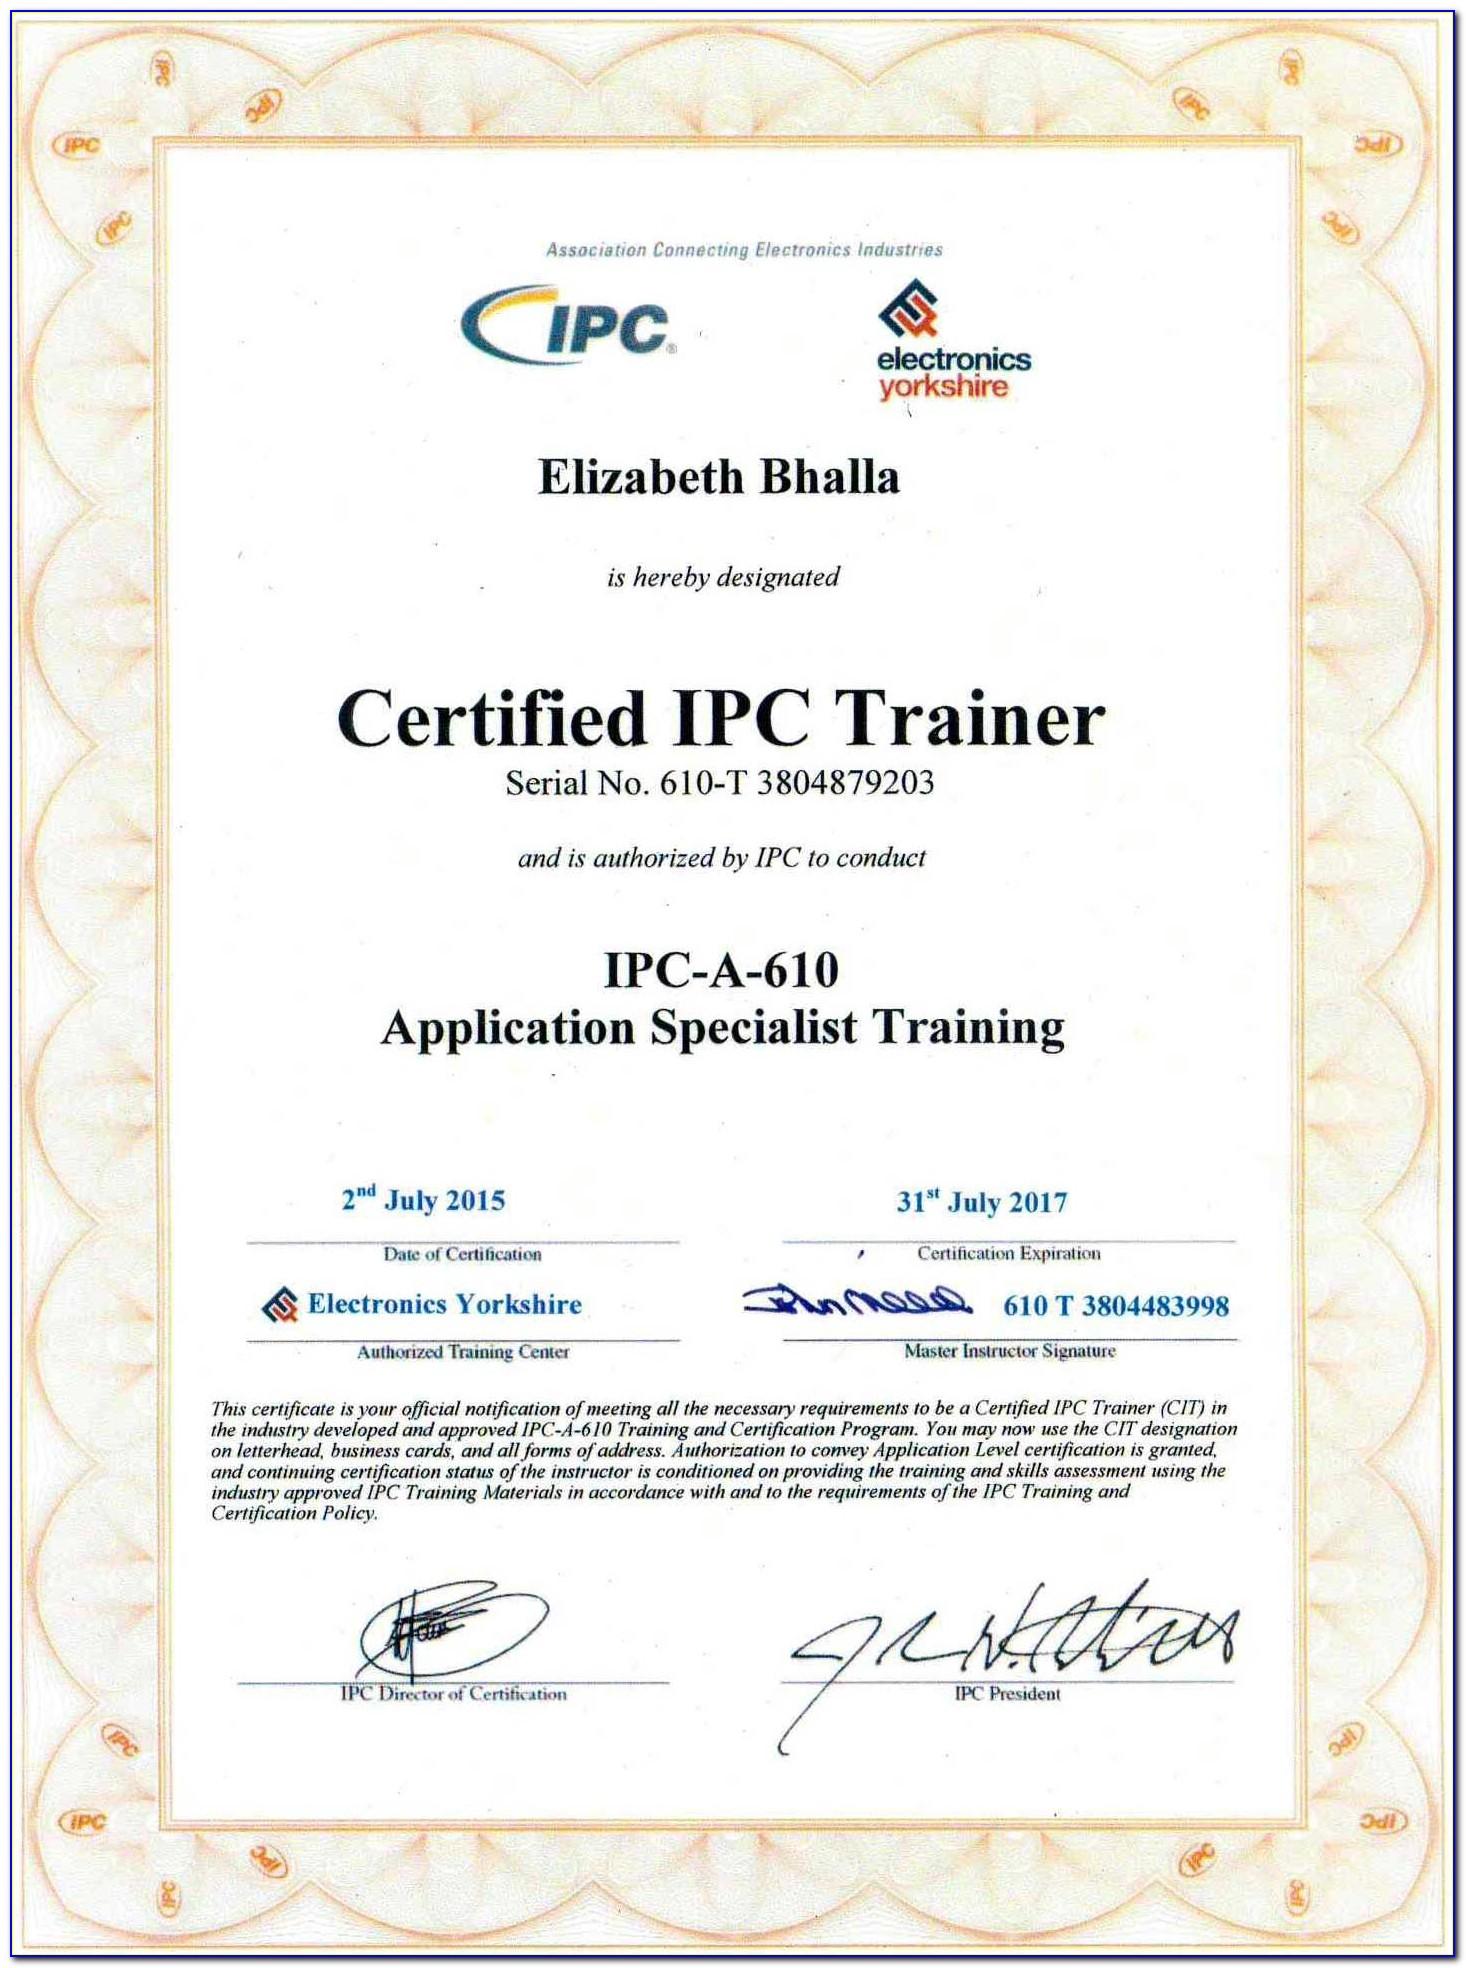 Ipc 610 Certification Online